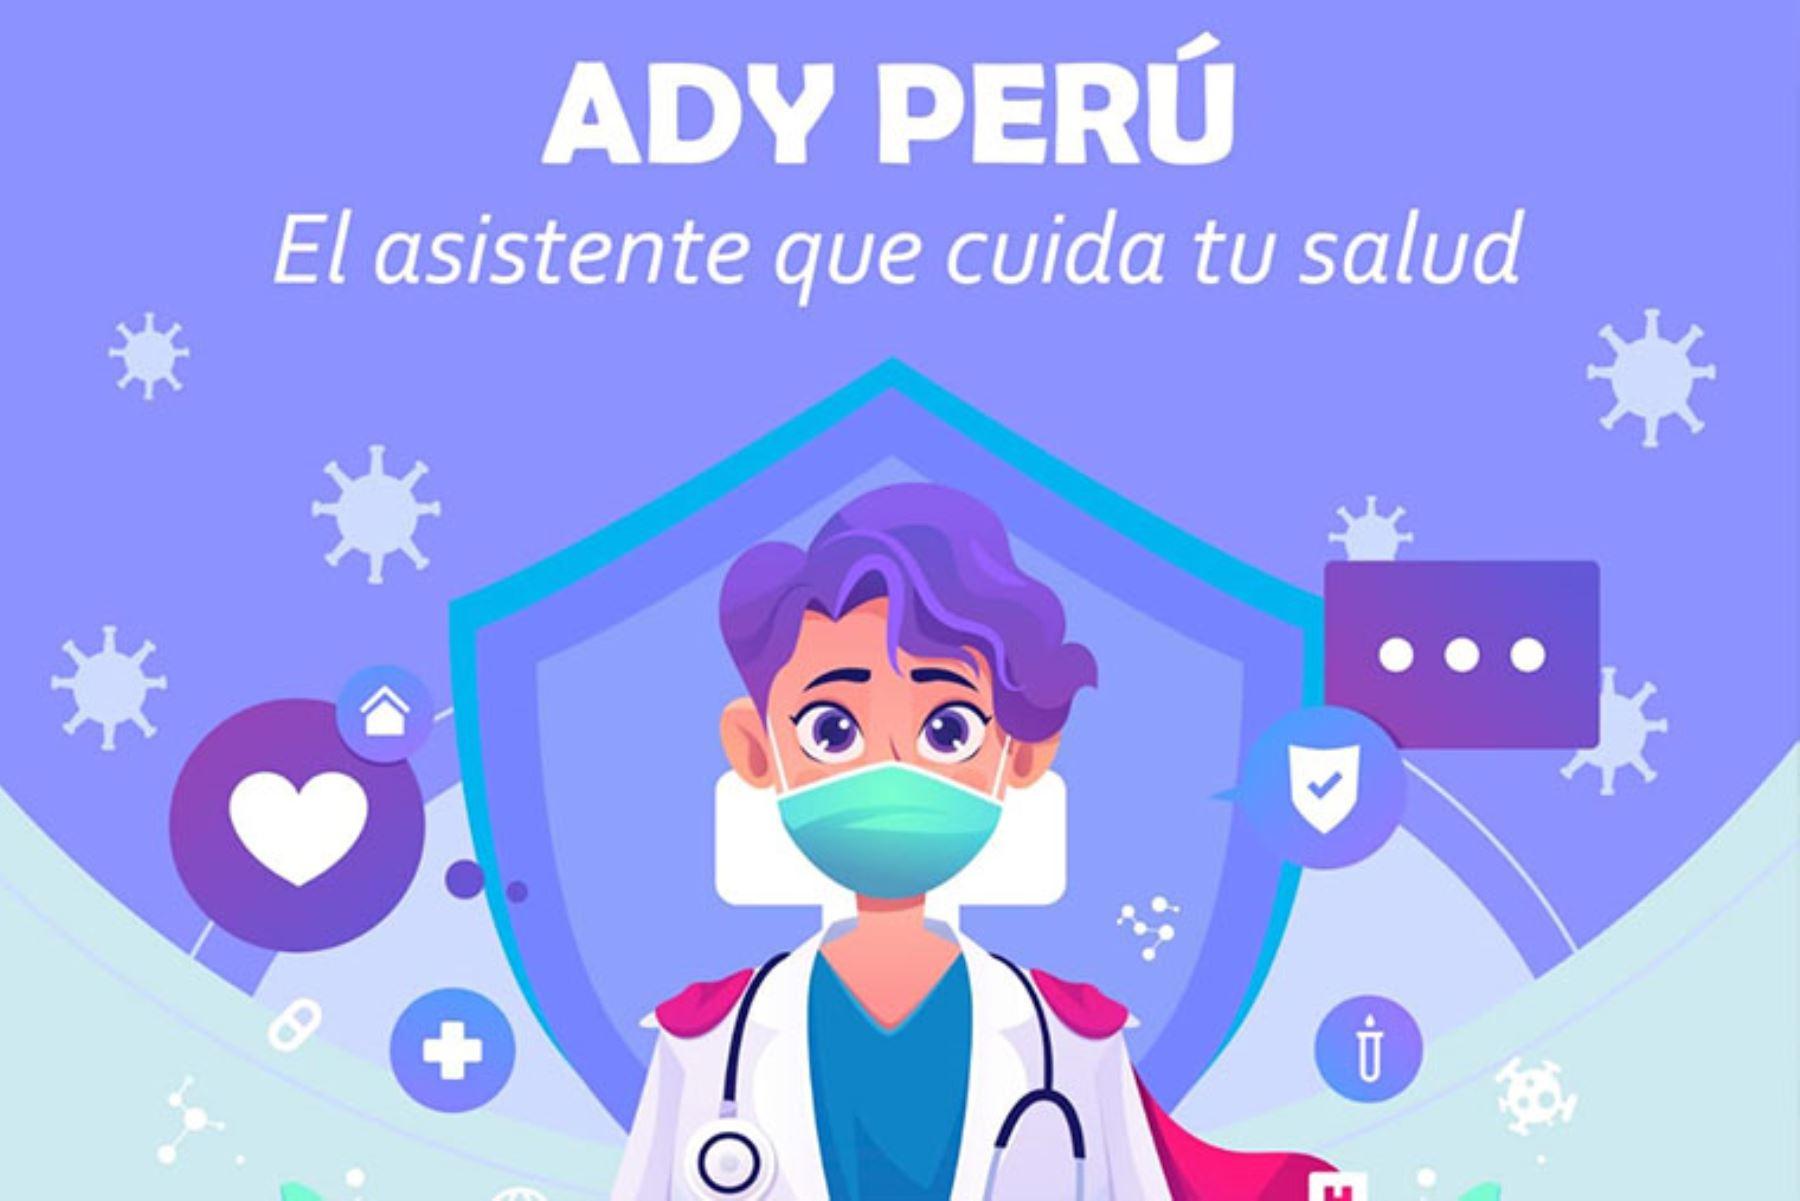 La principal finalidad del chatbot o asistente virtual es brindar información confiable referente a la vacuna contra la covid-19